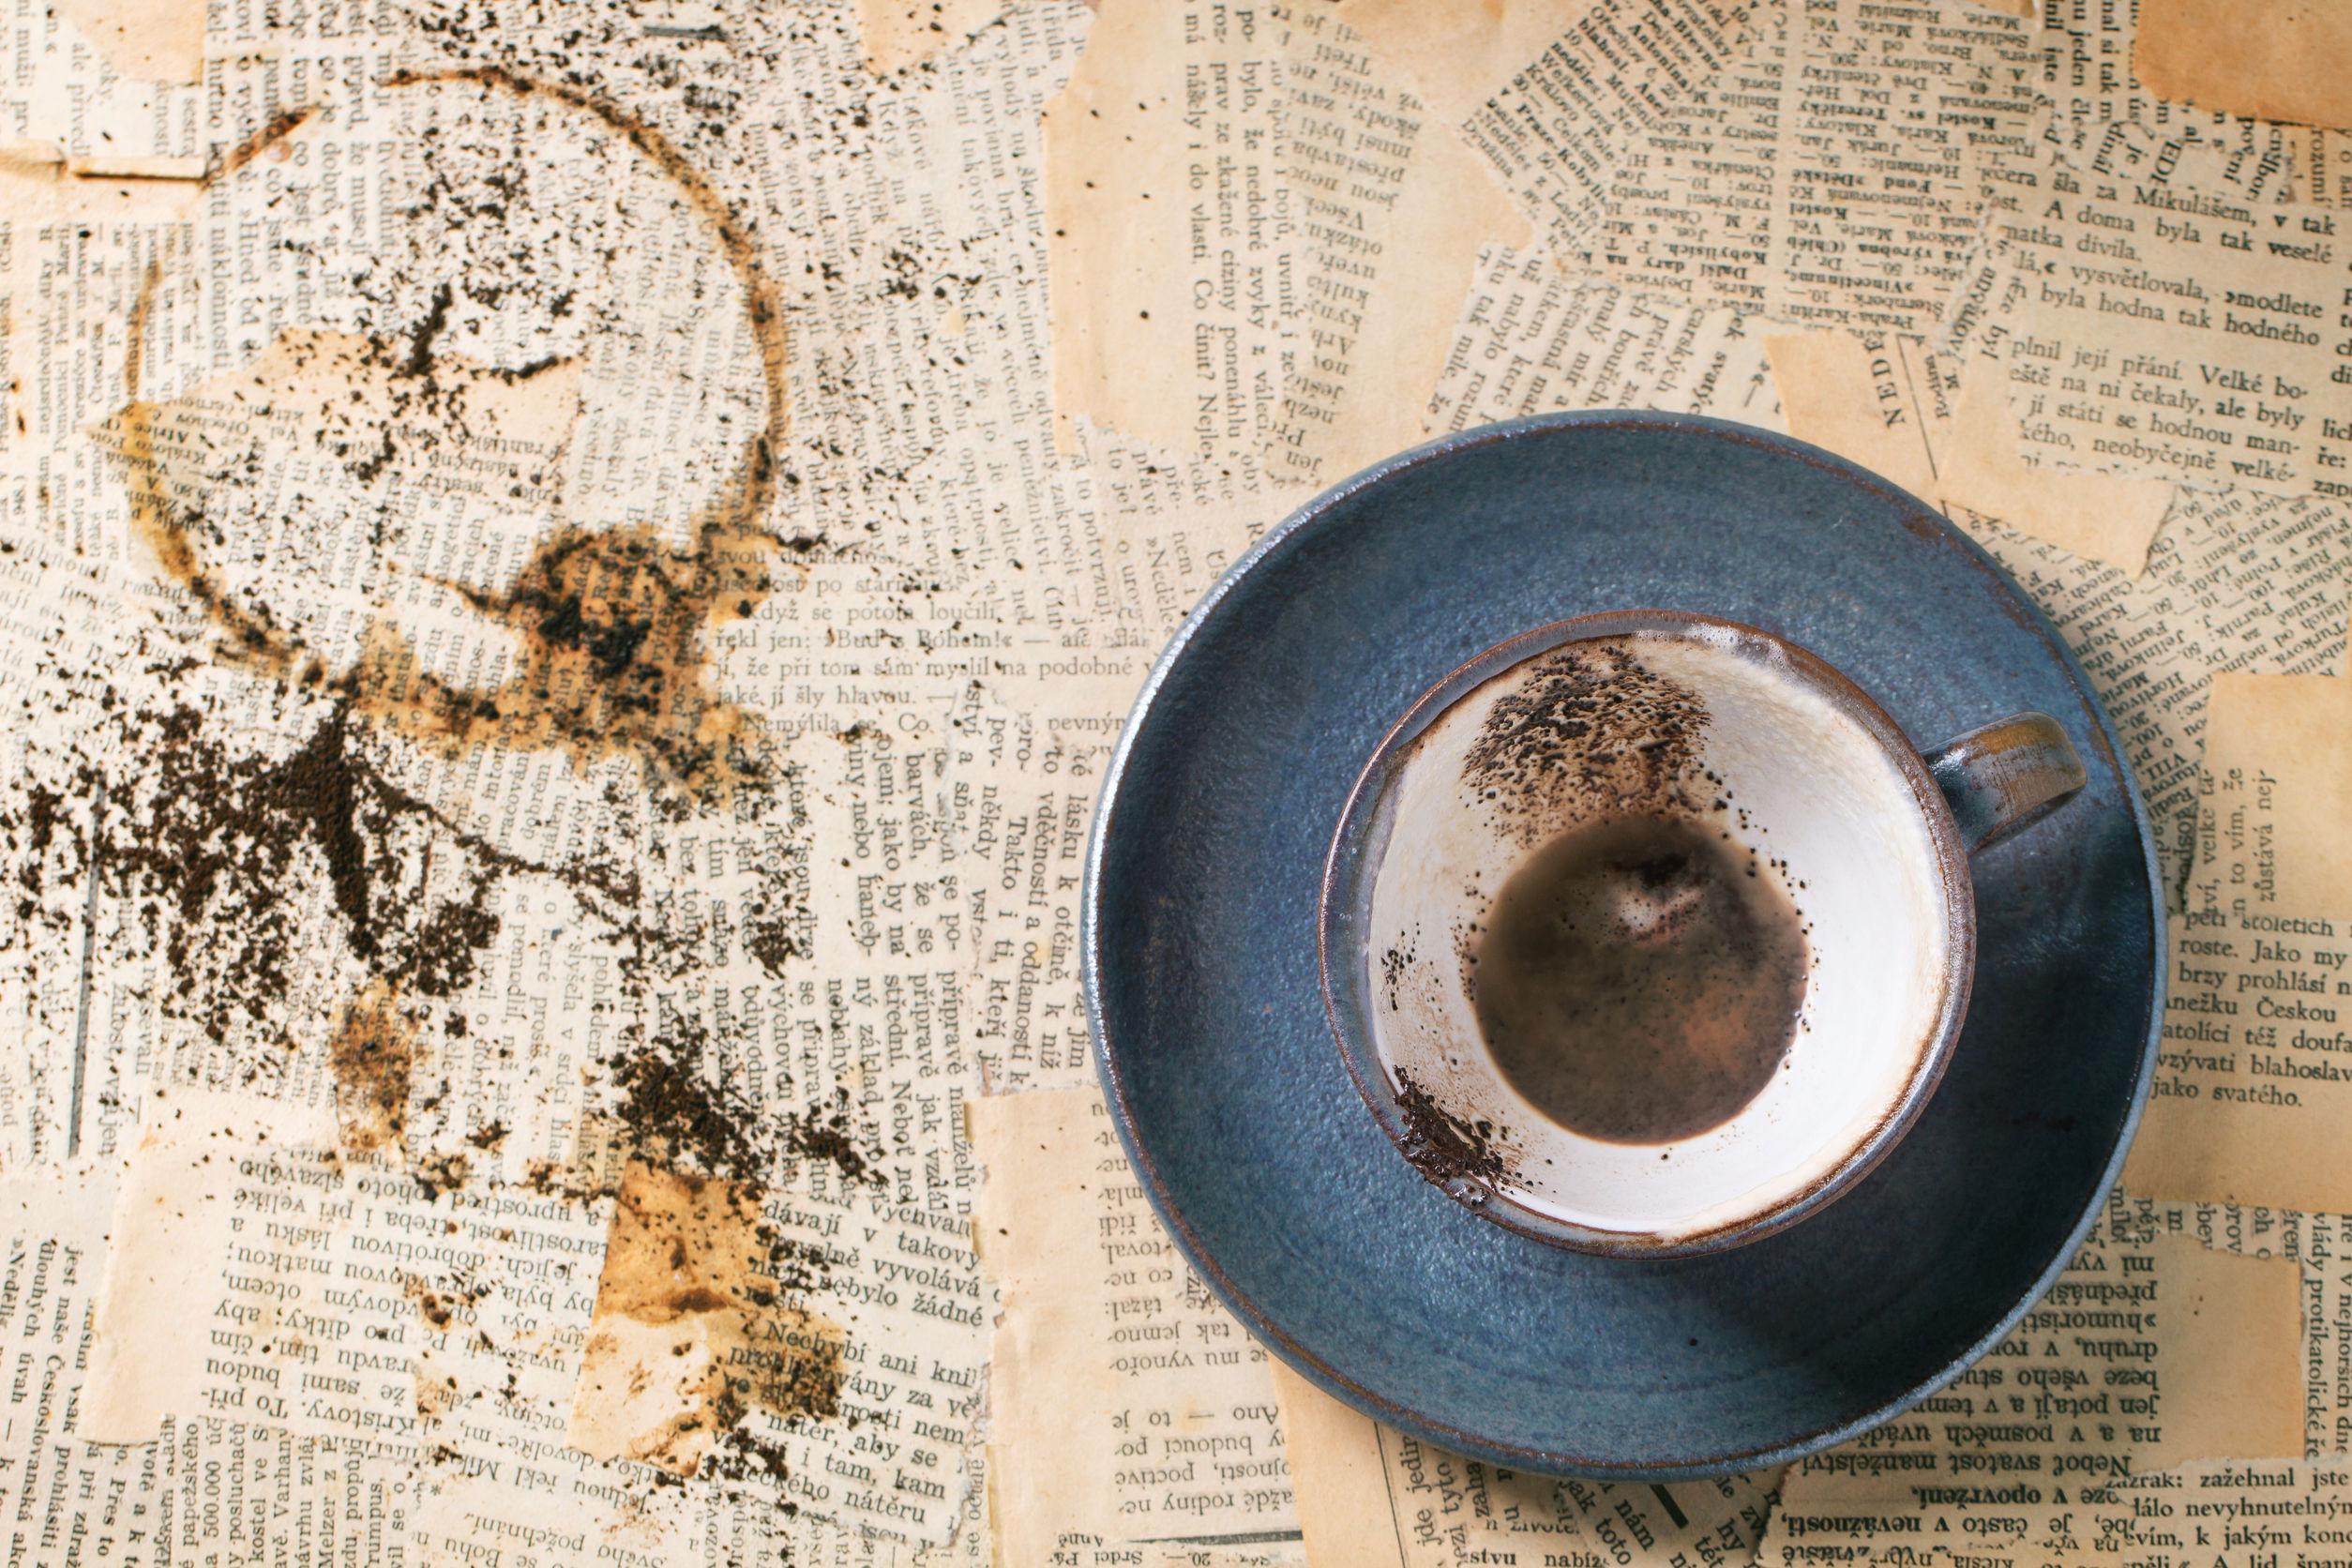 Nu arunca zaţul de cafea. Şase întrebuinţări mai puţin obişnuite